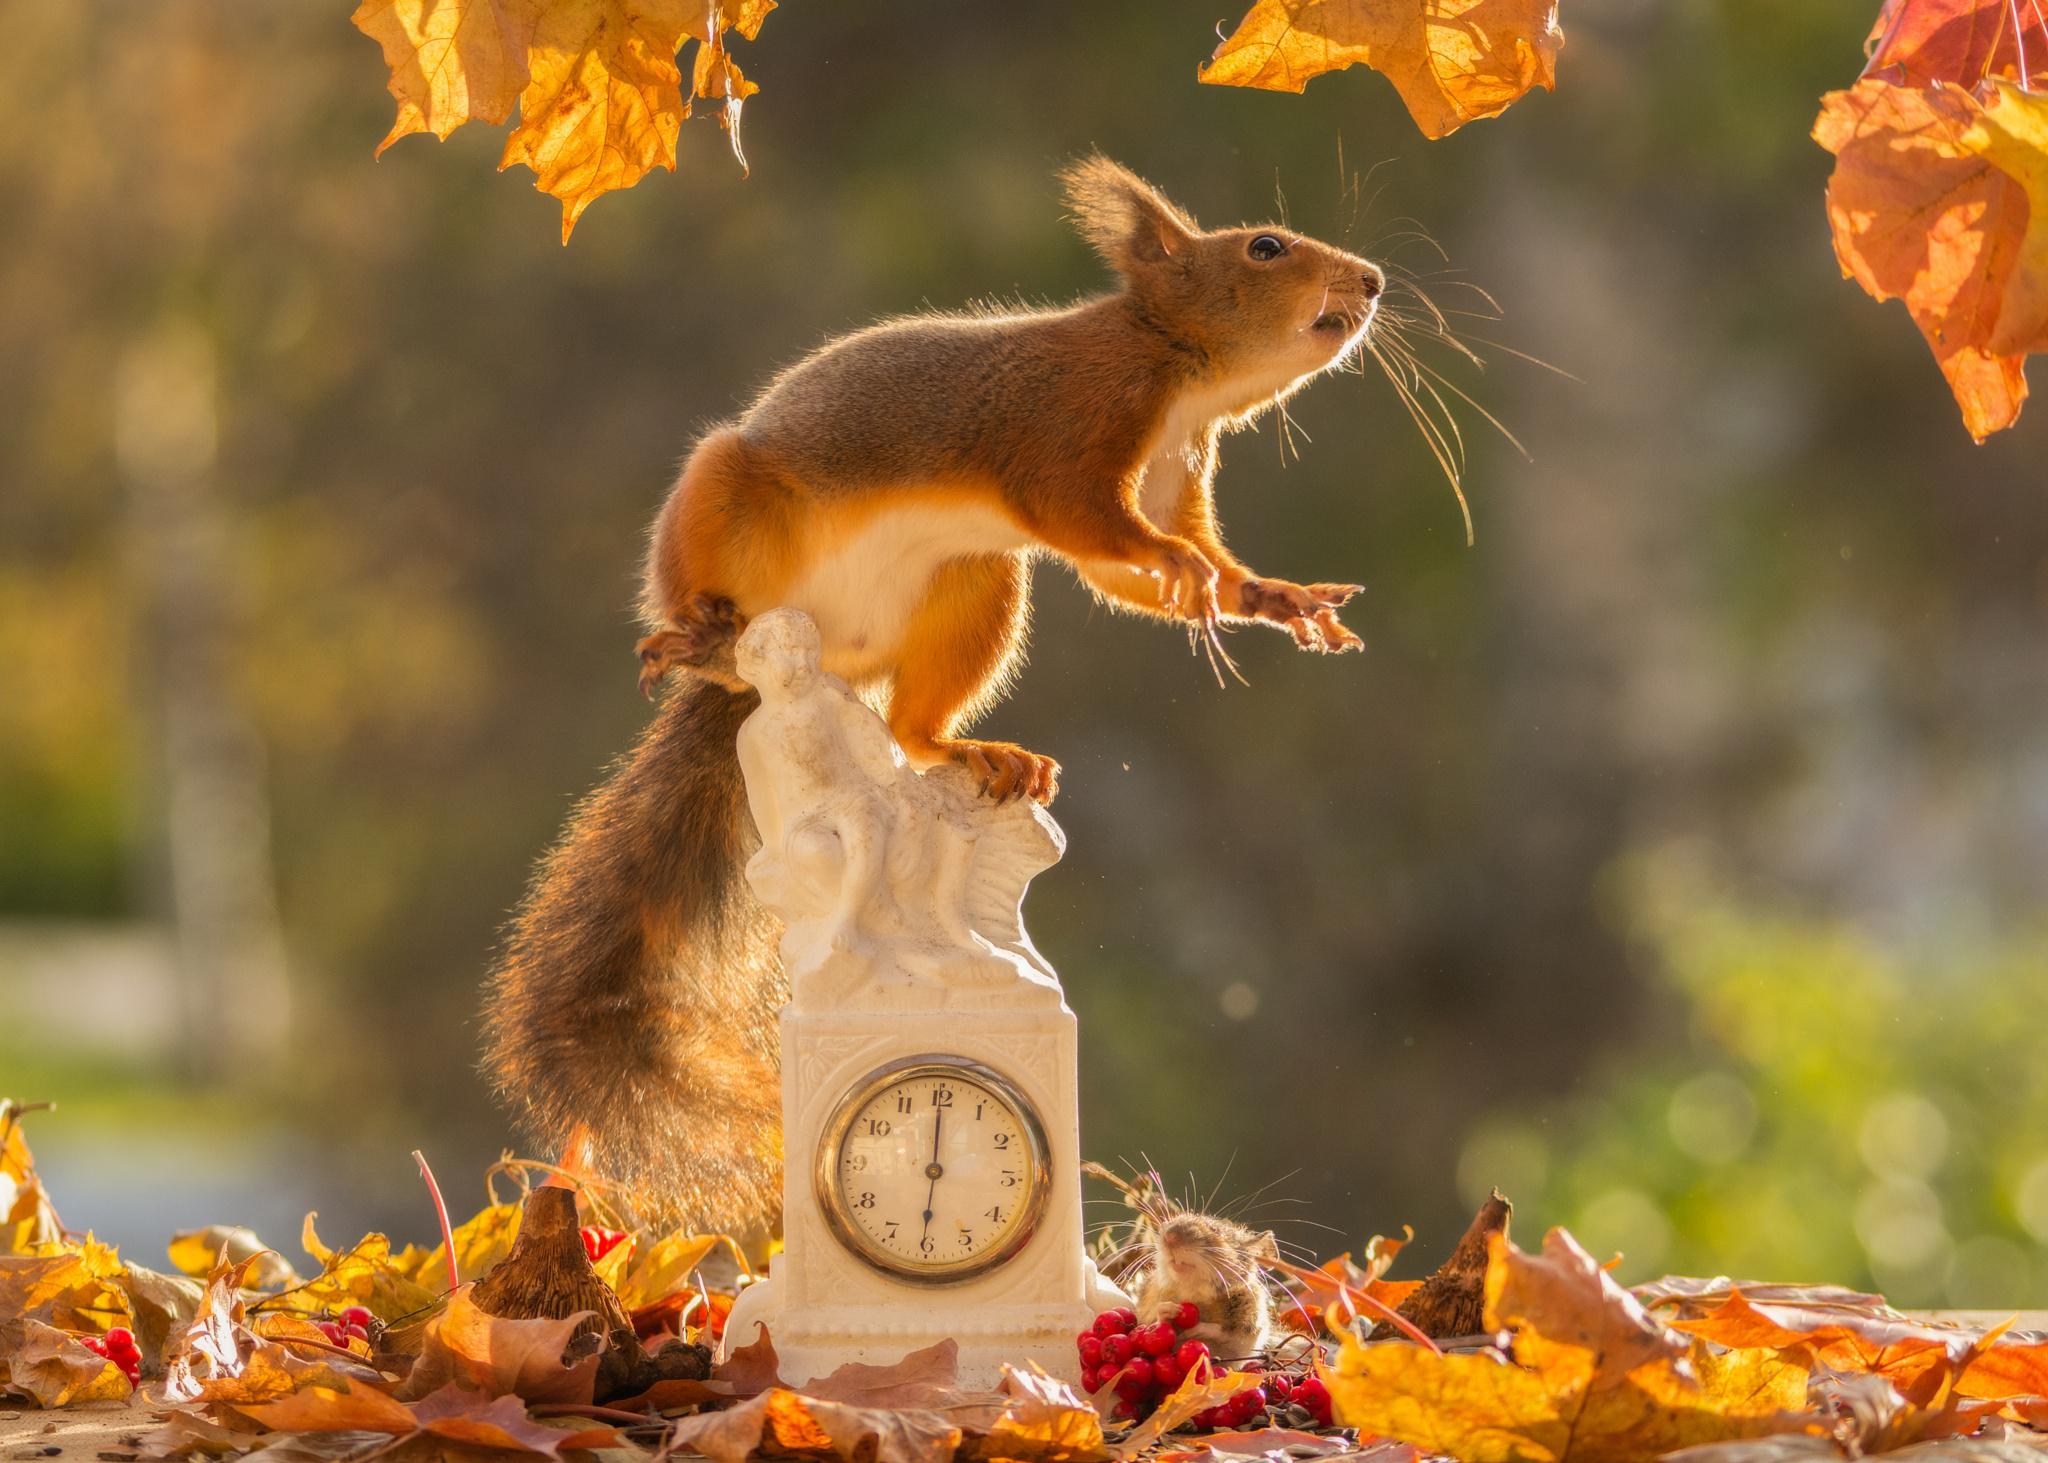 природа животные кролик листья осень деревья  № 2035324 бесплатно